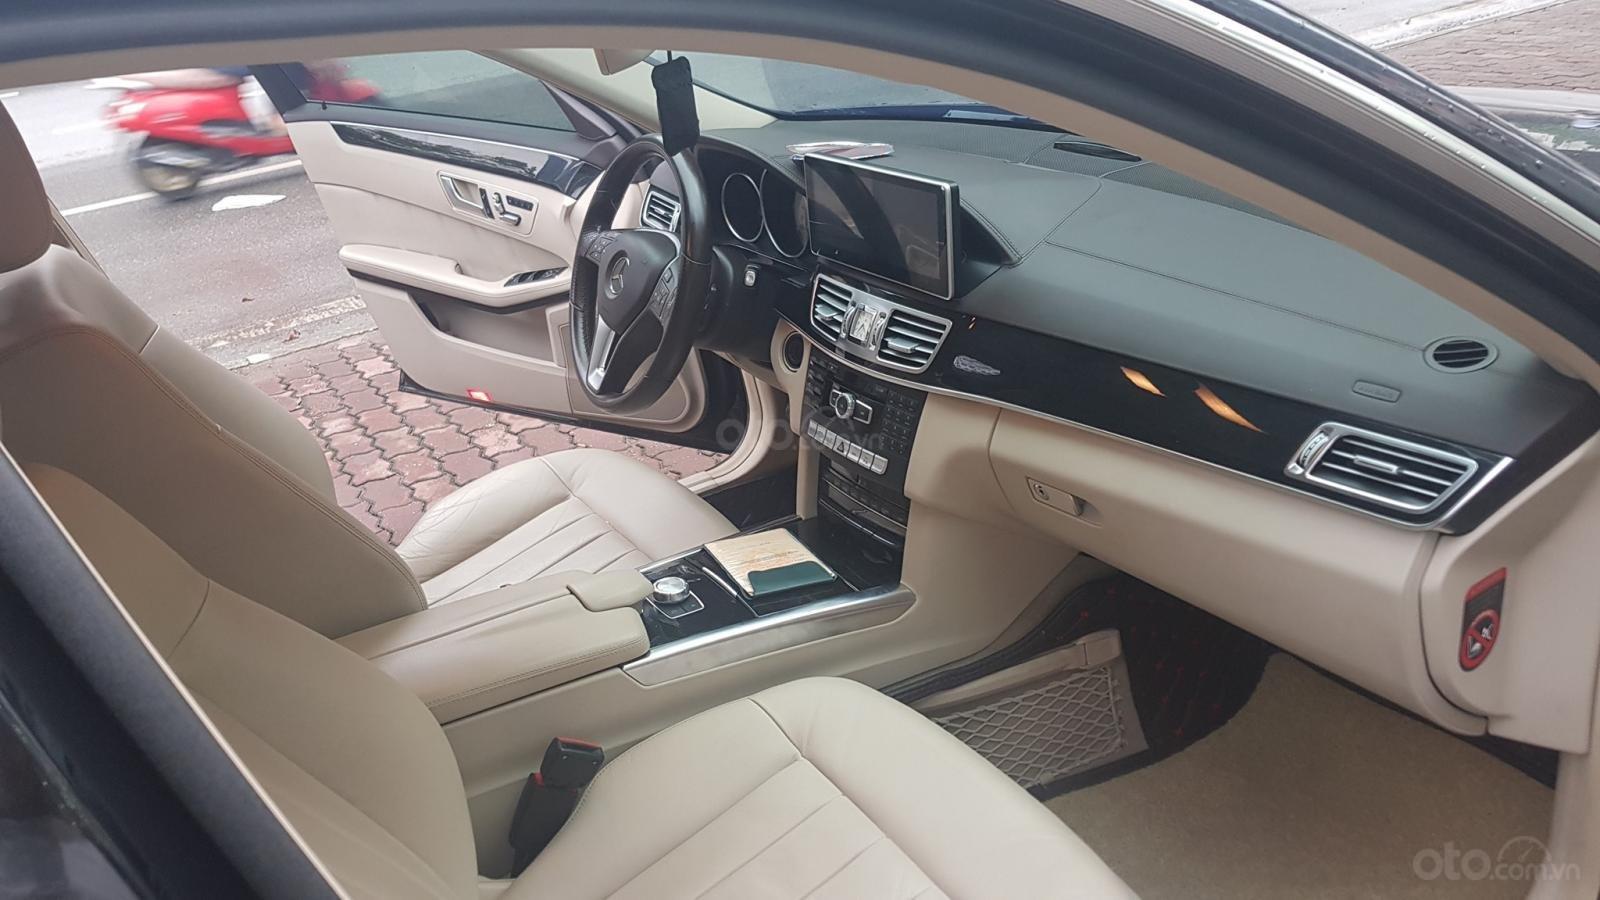 Cần bán xe Mercedes E250 CGI sản xuất 2013 đăng ký cá nhân (9)